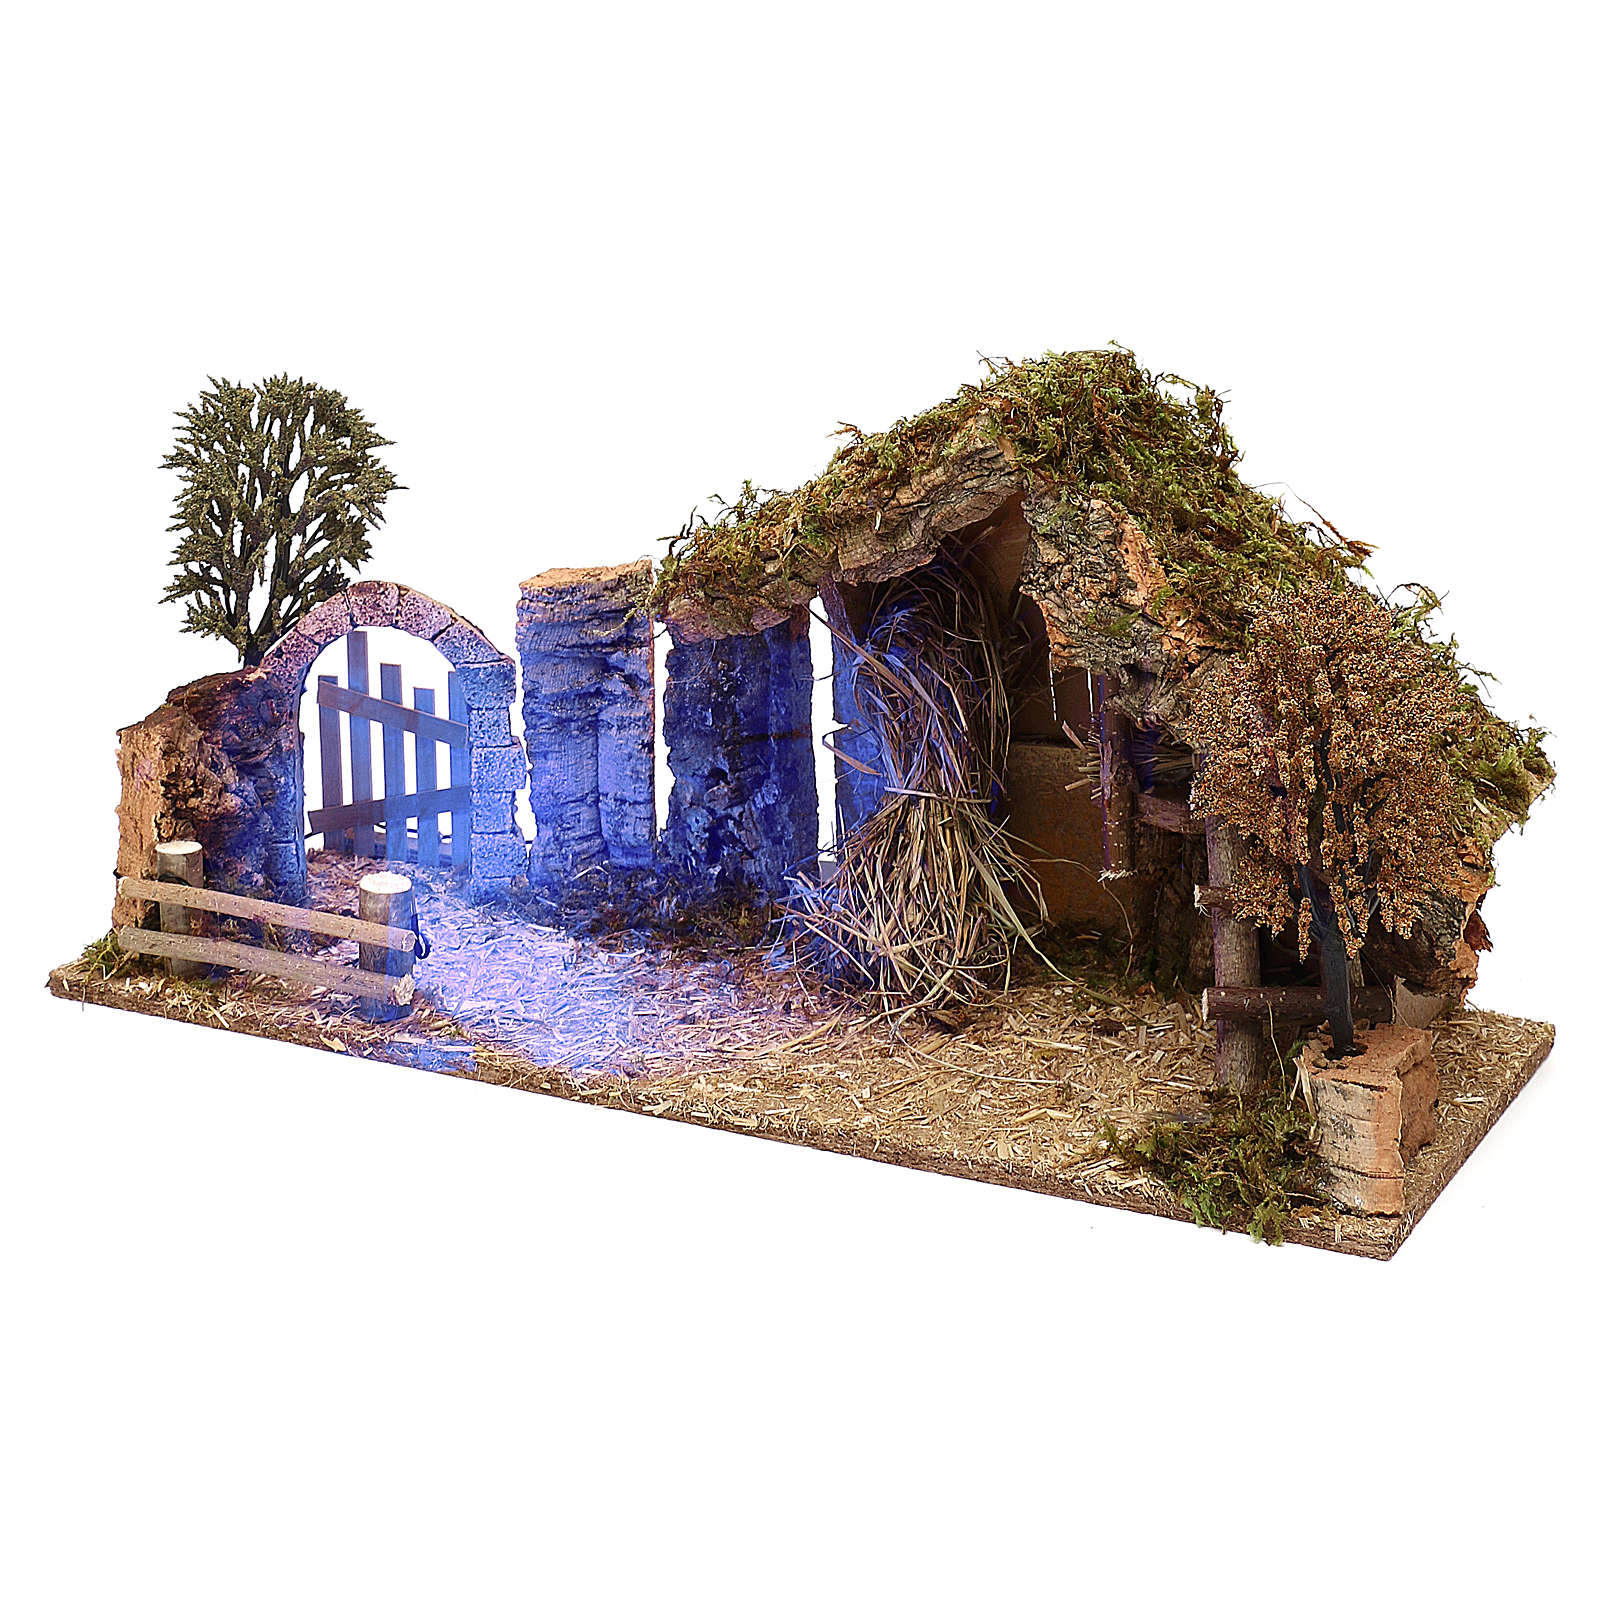 Cabaña con arco nocturno belén 10 cm 4